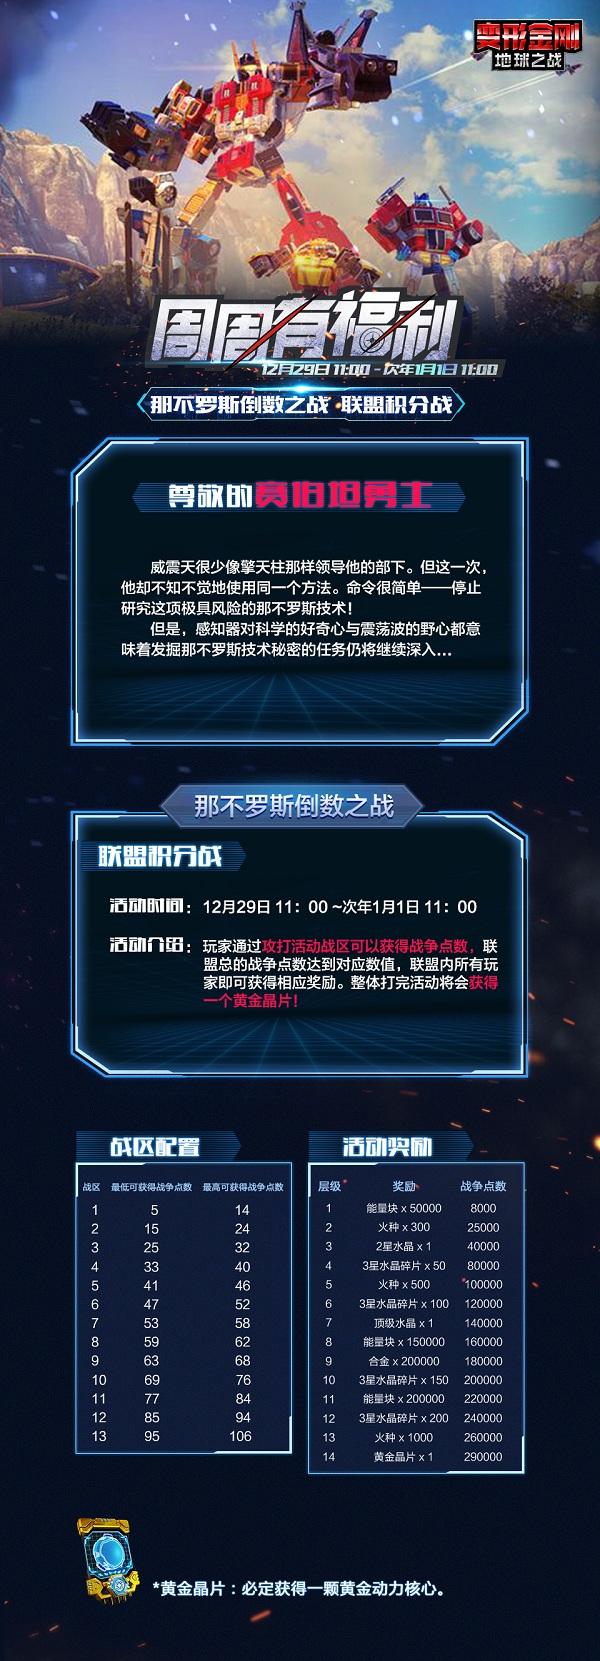 孩之宝官网_那不罗斯倒数之战 iOS活动介绍_变形金刚地球之战